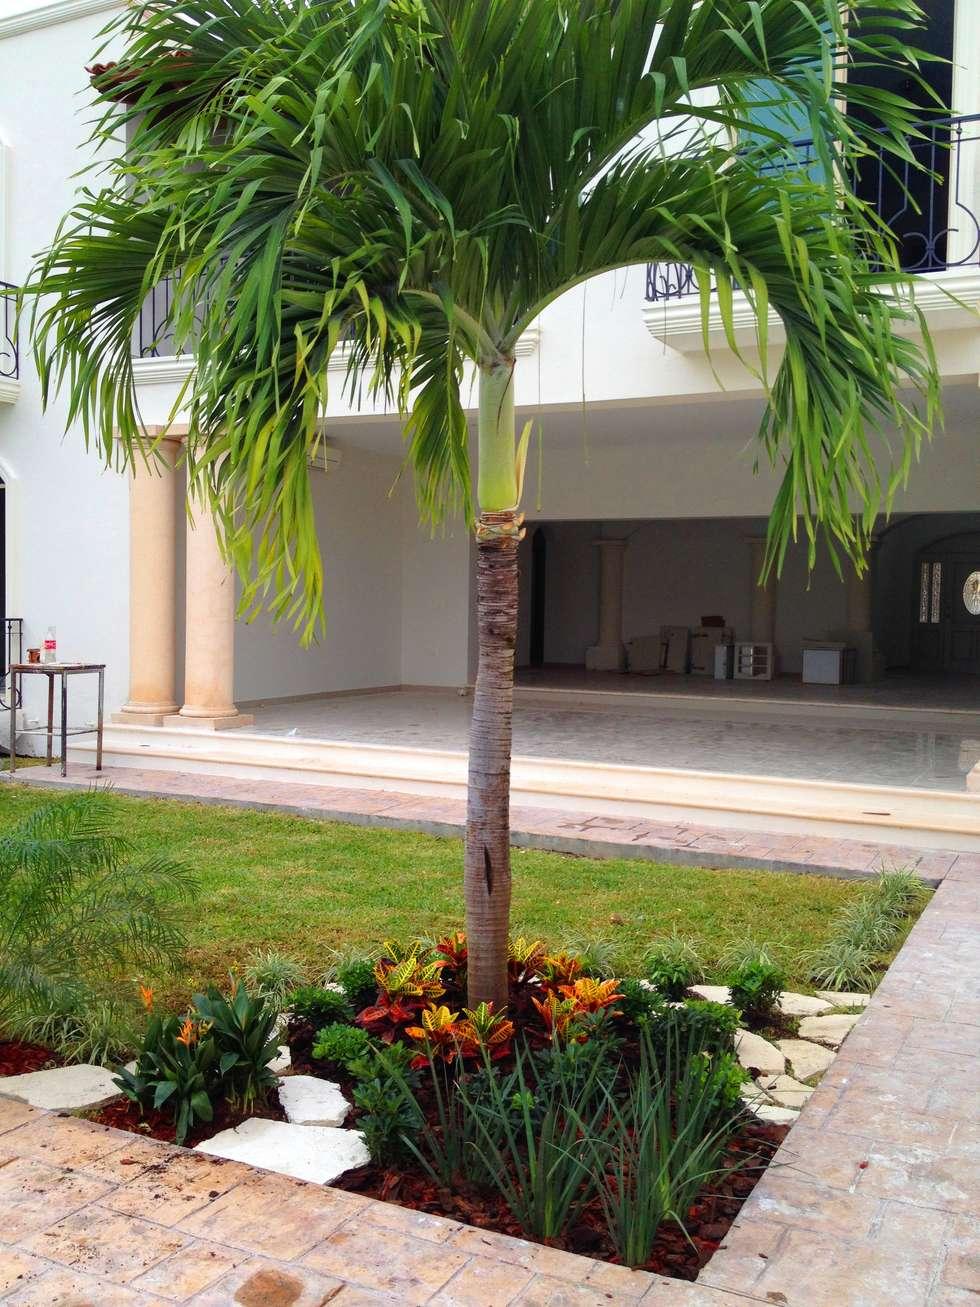 Casa cp 34 jardines de estilo moderno por ecoentorno for Decoracion de jardines de casas